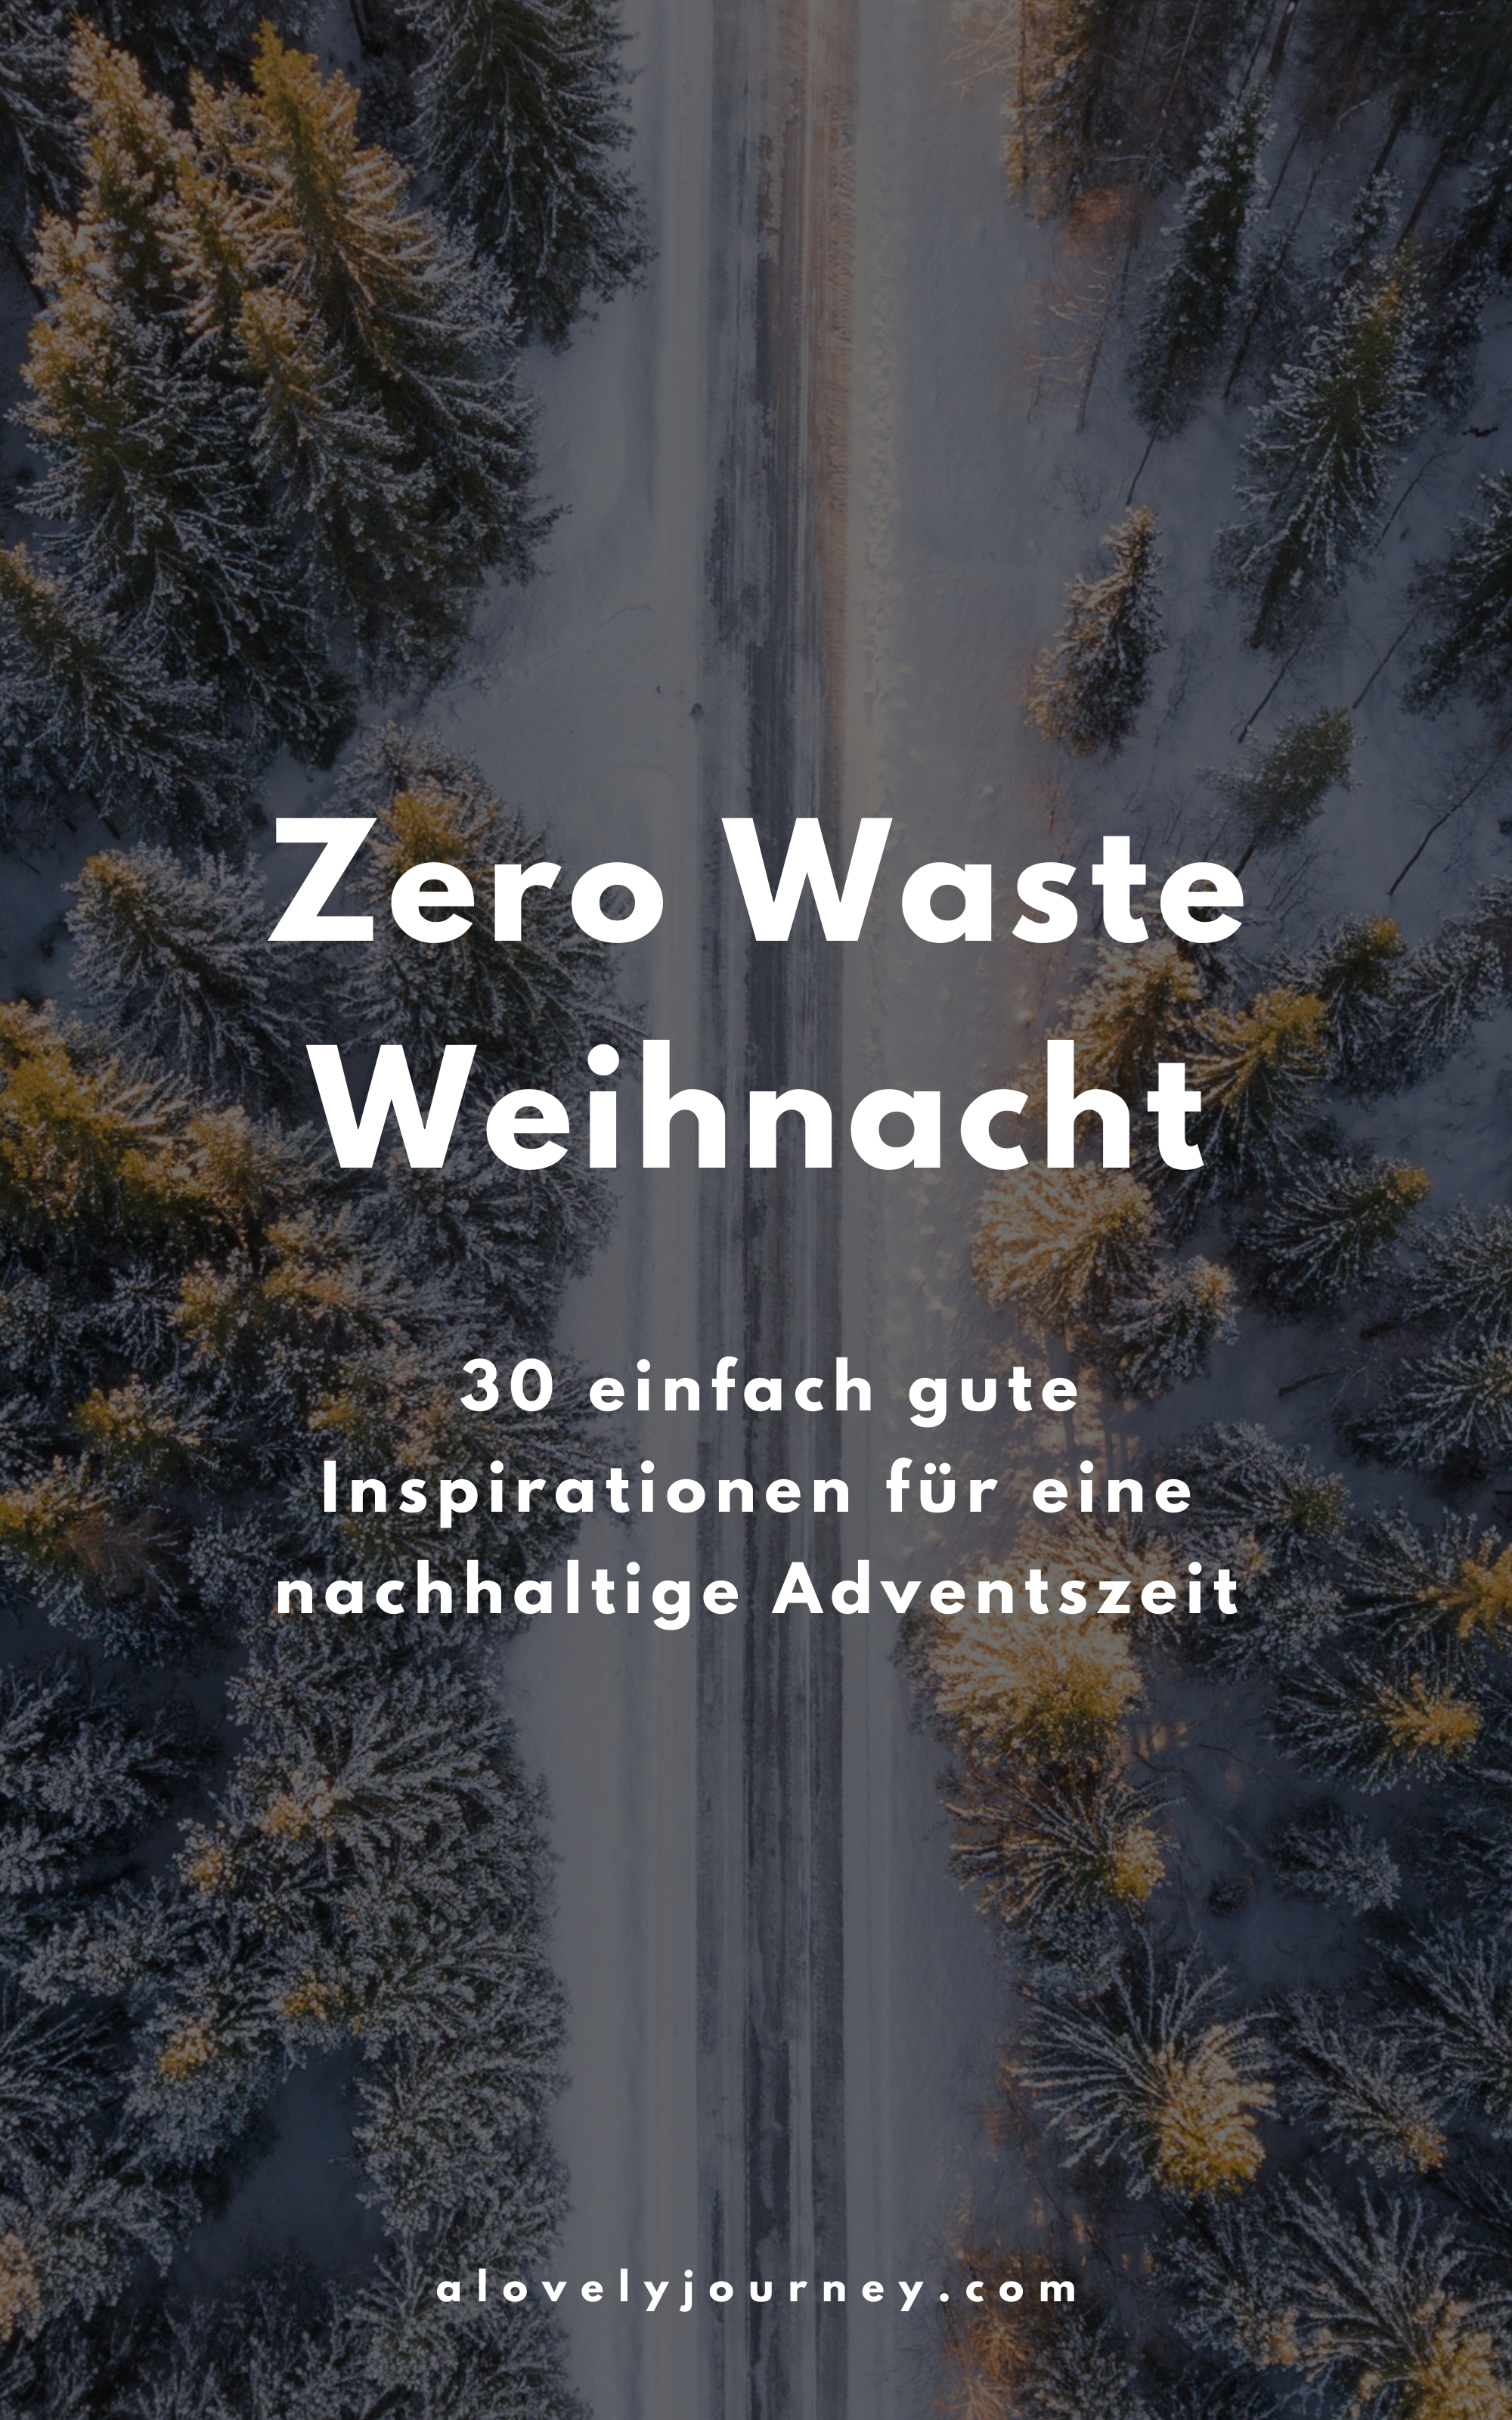 Zero Waste Weihnachten: 30 einfache Inspirationen für eine nachhaltige Adventszeit